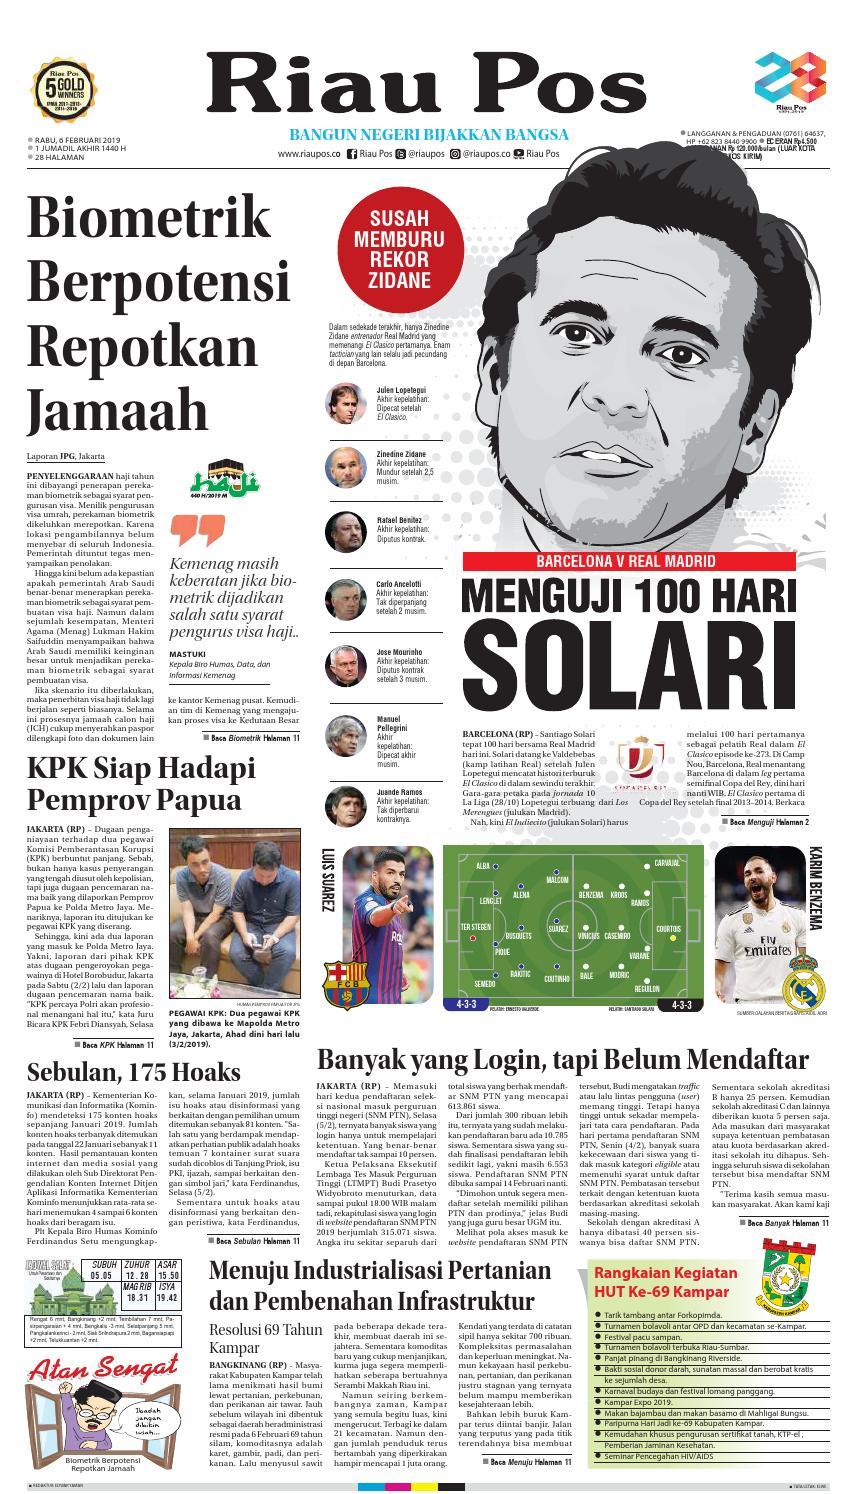 RIAUPOS EDISI RABU 06 FEBRUARI 2019 by Riau Pos issuu